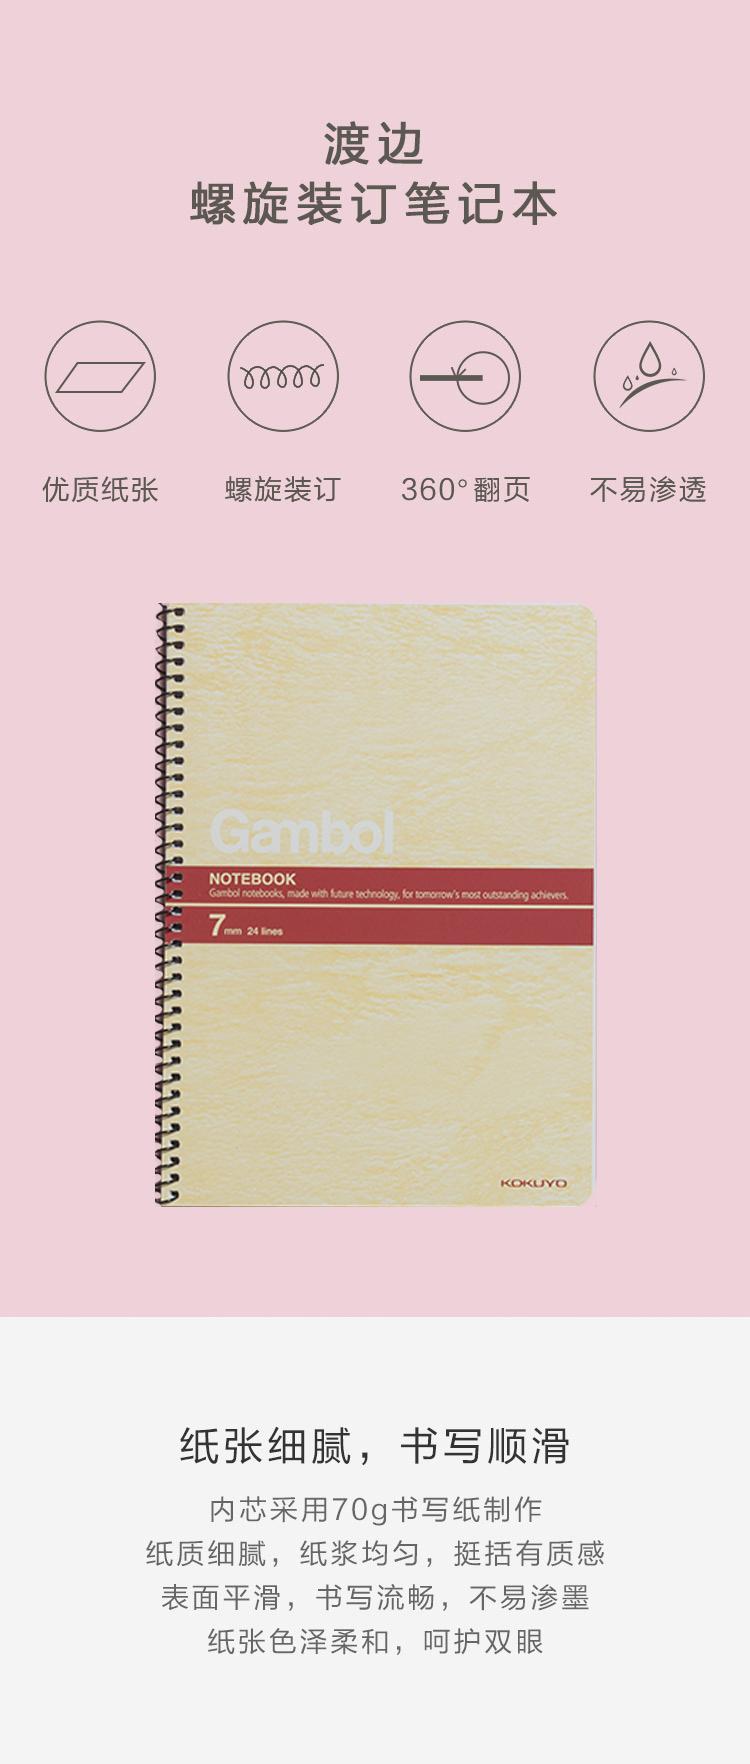 渡边 Gambol 螺旋装订笔记本 S5503/S5507 A5 (混色) 50页/本 (颜色随机)